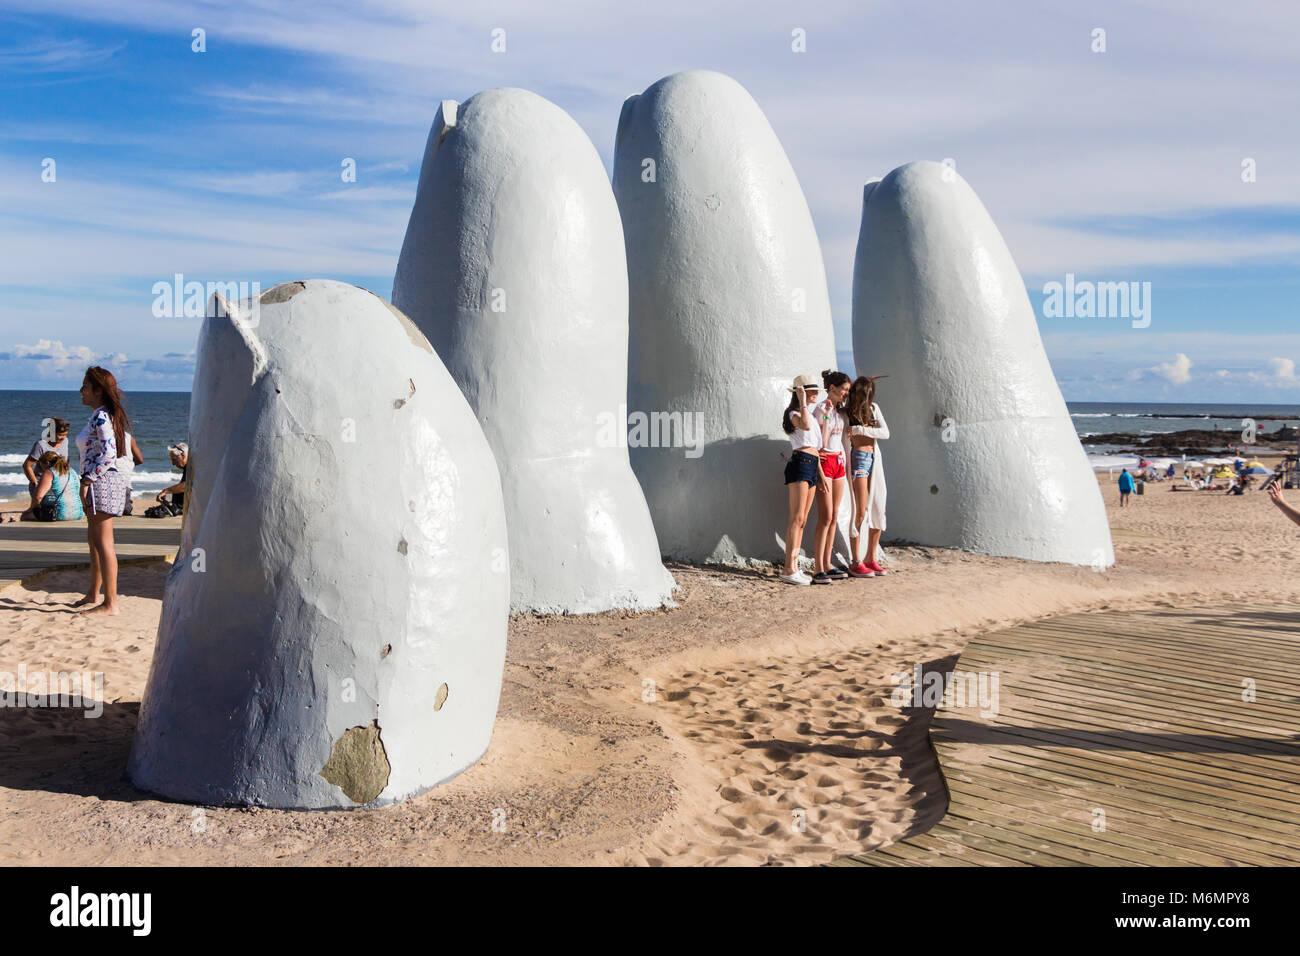 Punta Del Este, Uruguay - Febbraio 28th, 2018: tre giovani donne per scattare delle foto e sefies presso la mano, Immagini Stock